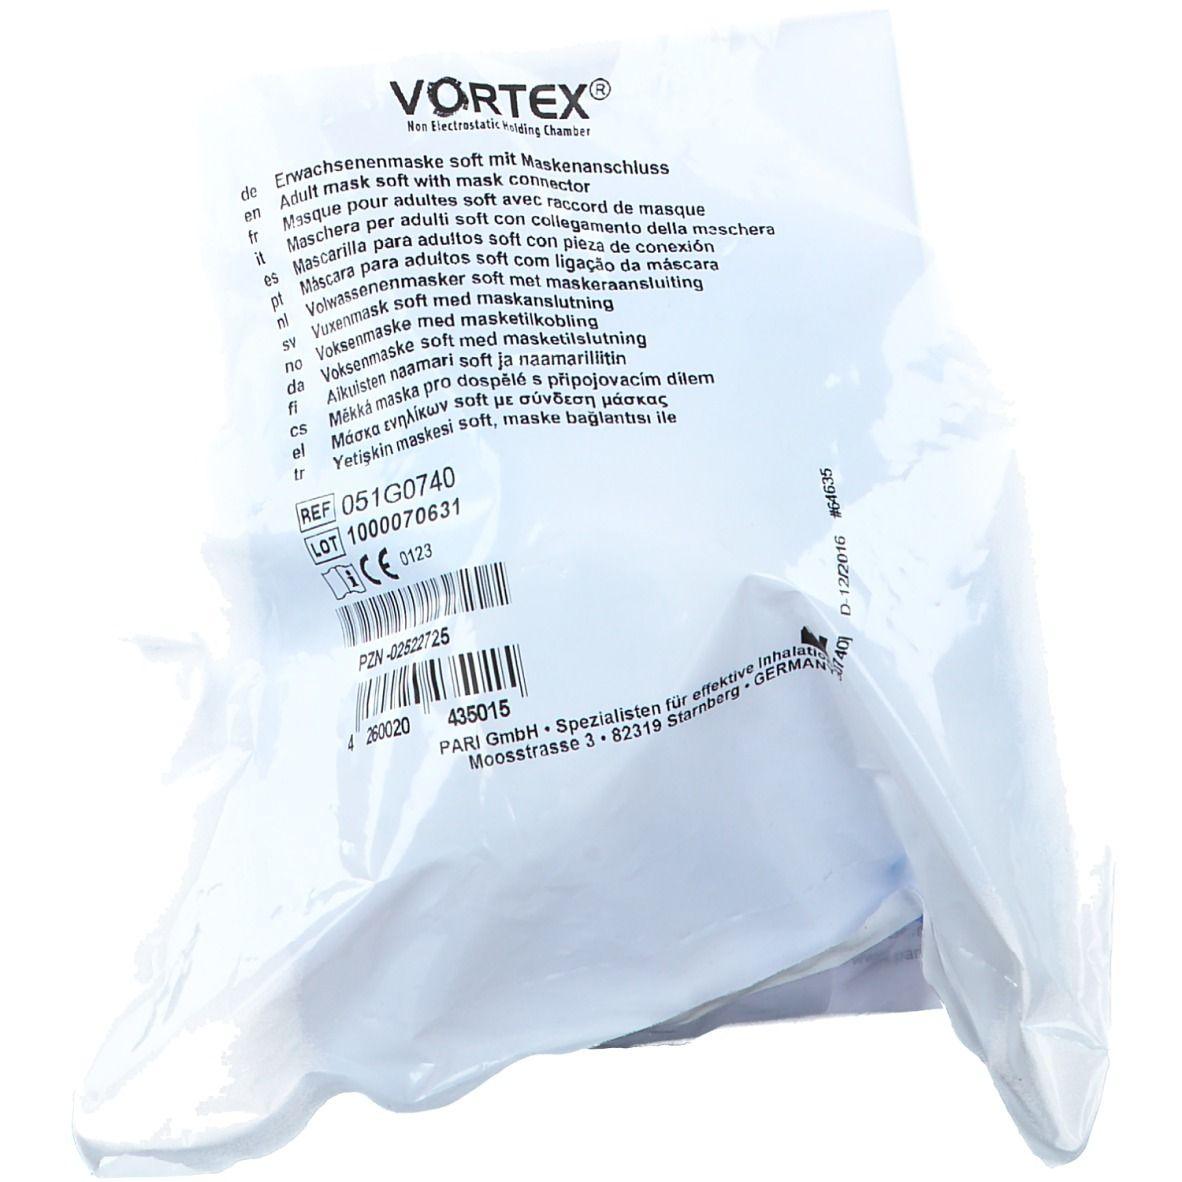 Image of VORTEX Maske für Erwachsene